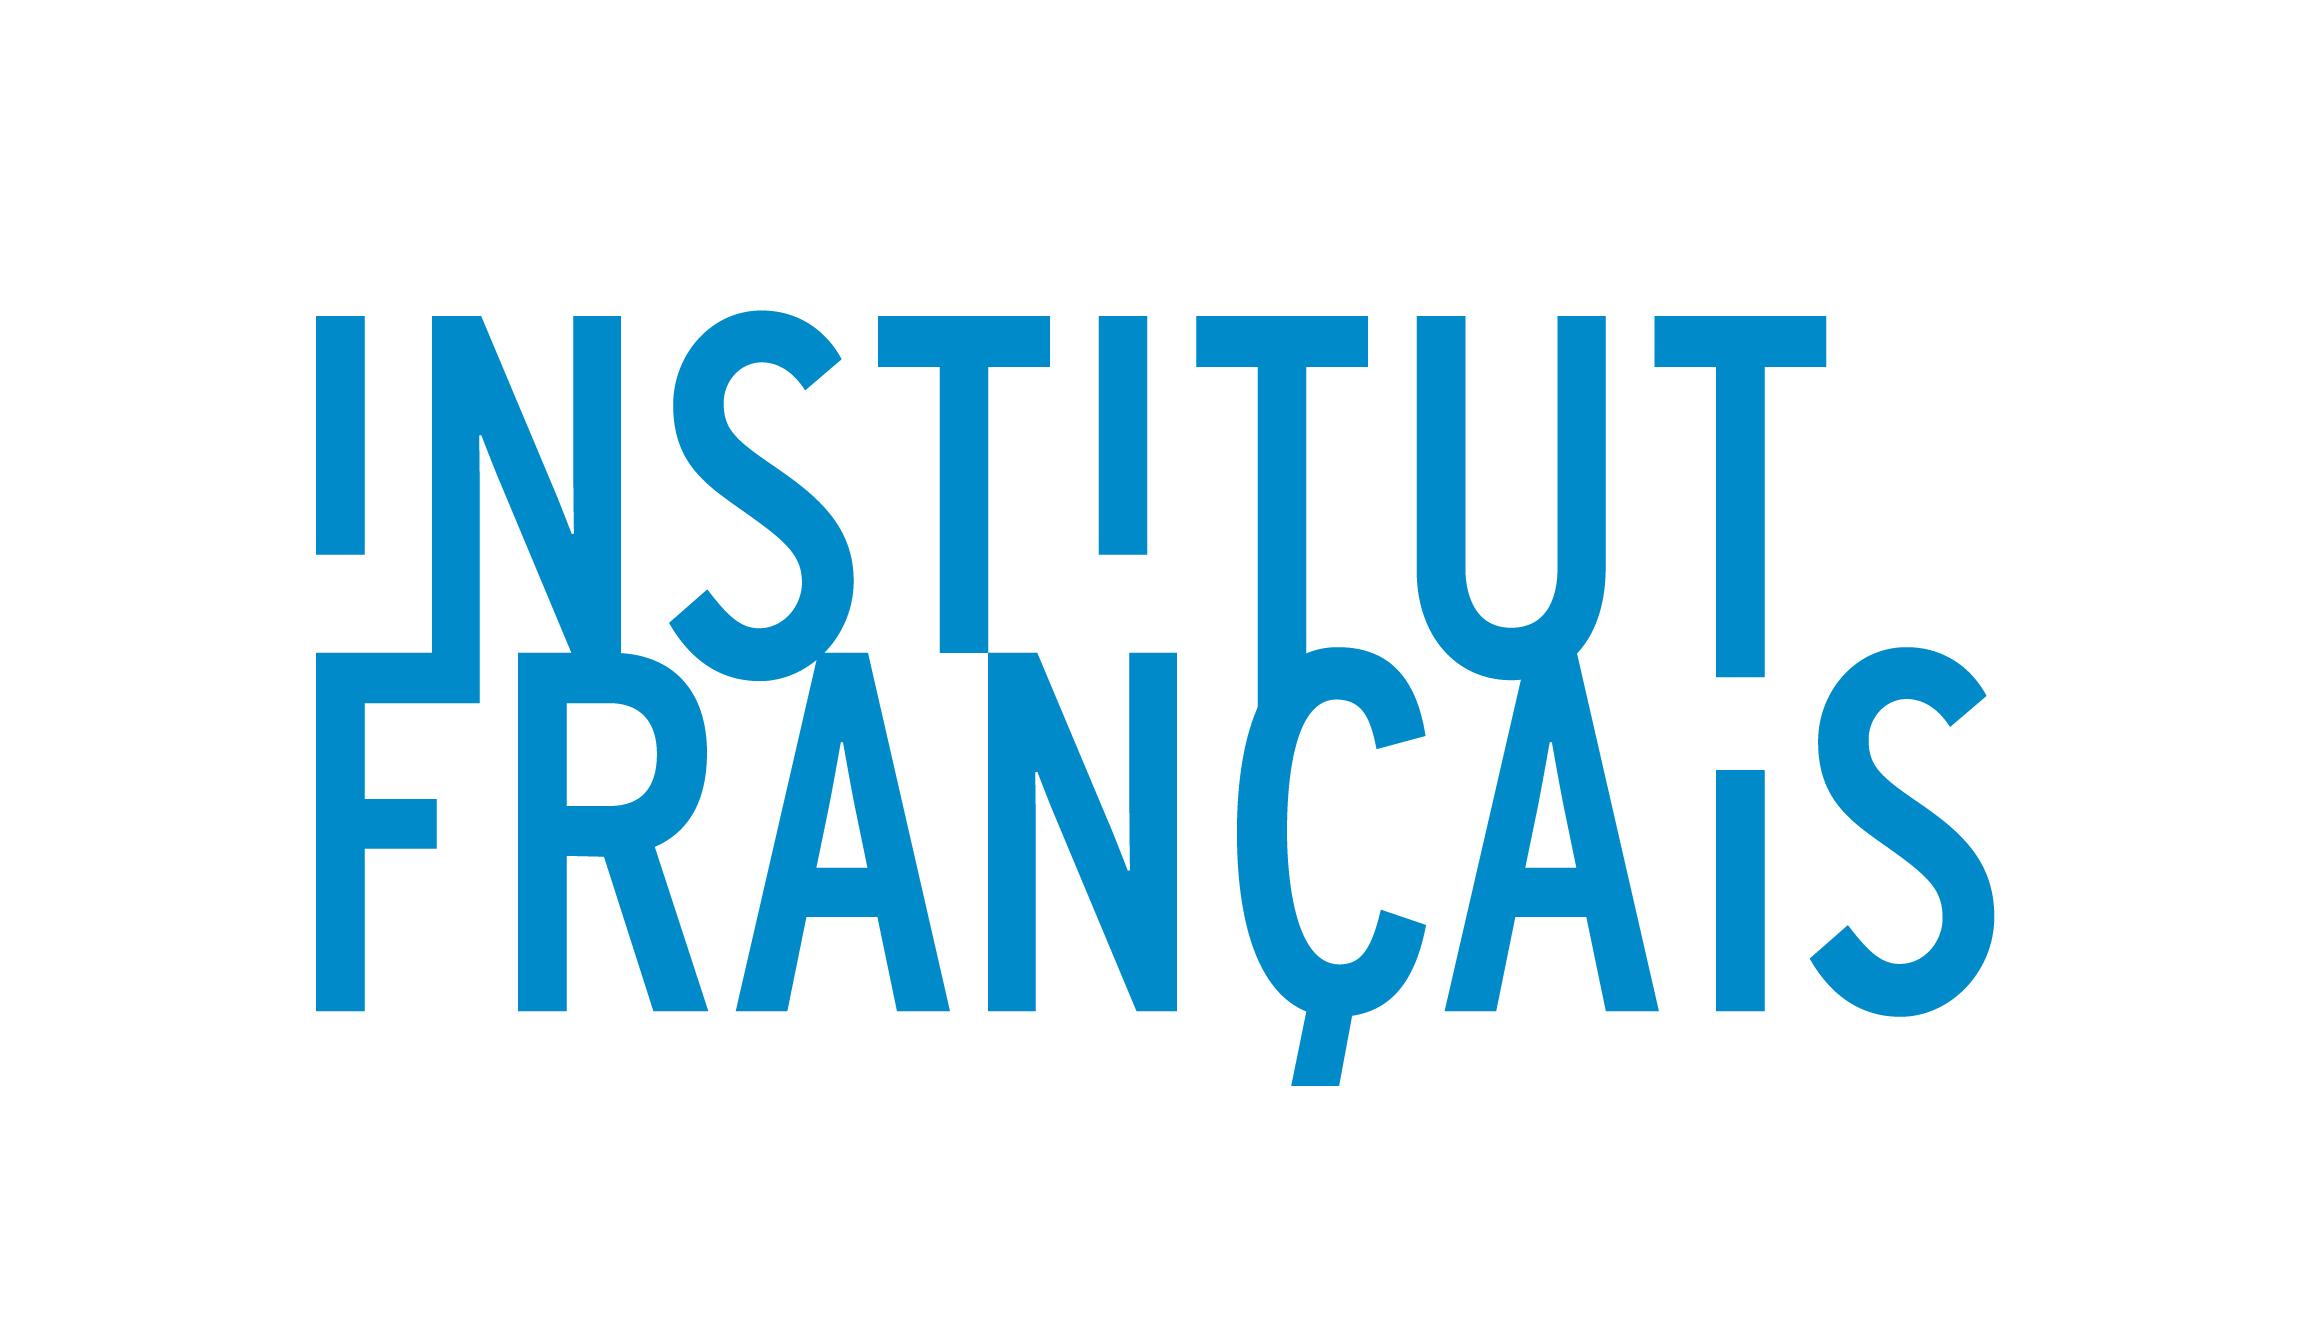 Institut Francaise